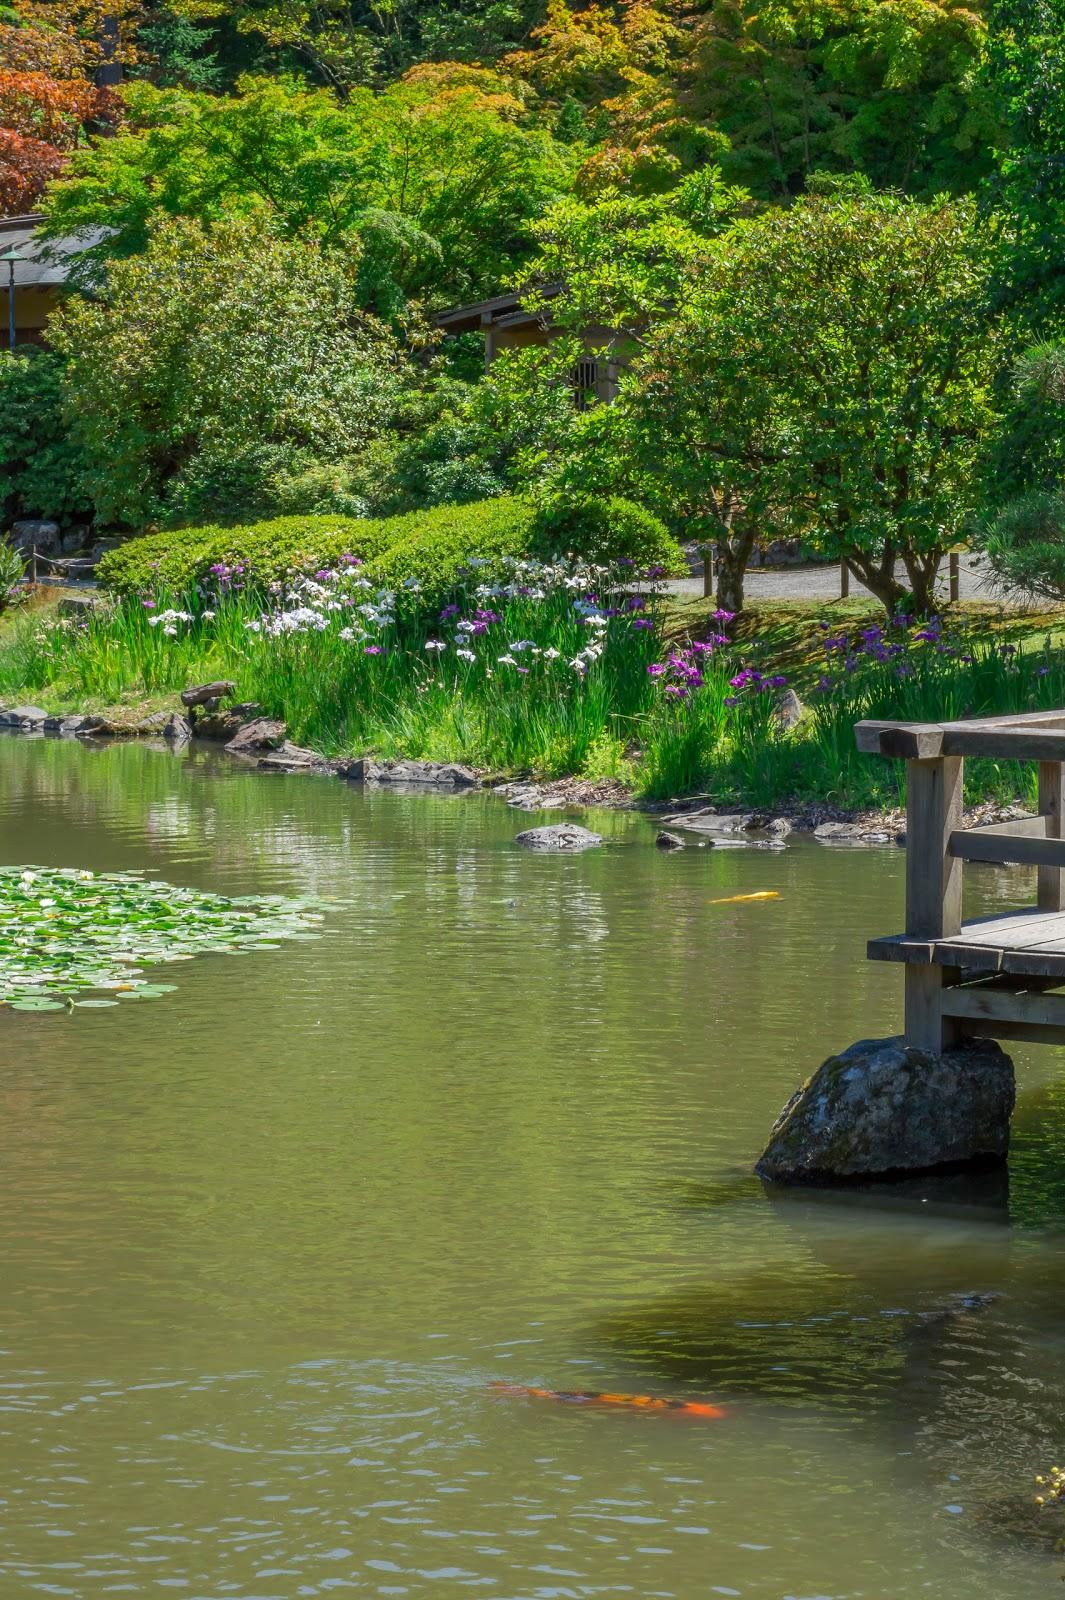 В декоративном пруду плавают разноцветные карпы кои - частое украшение японских и не только садов во всём мире.